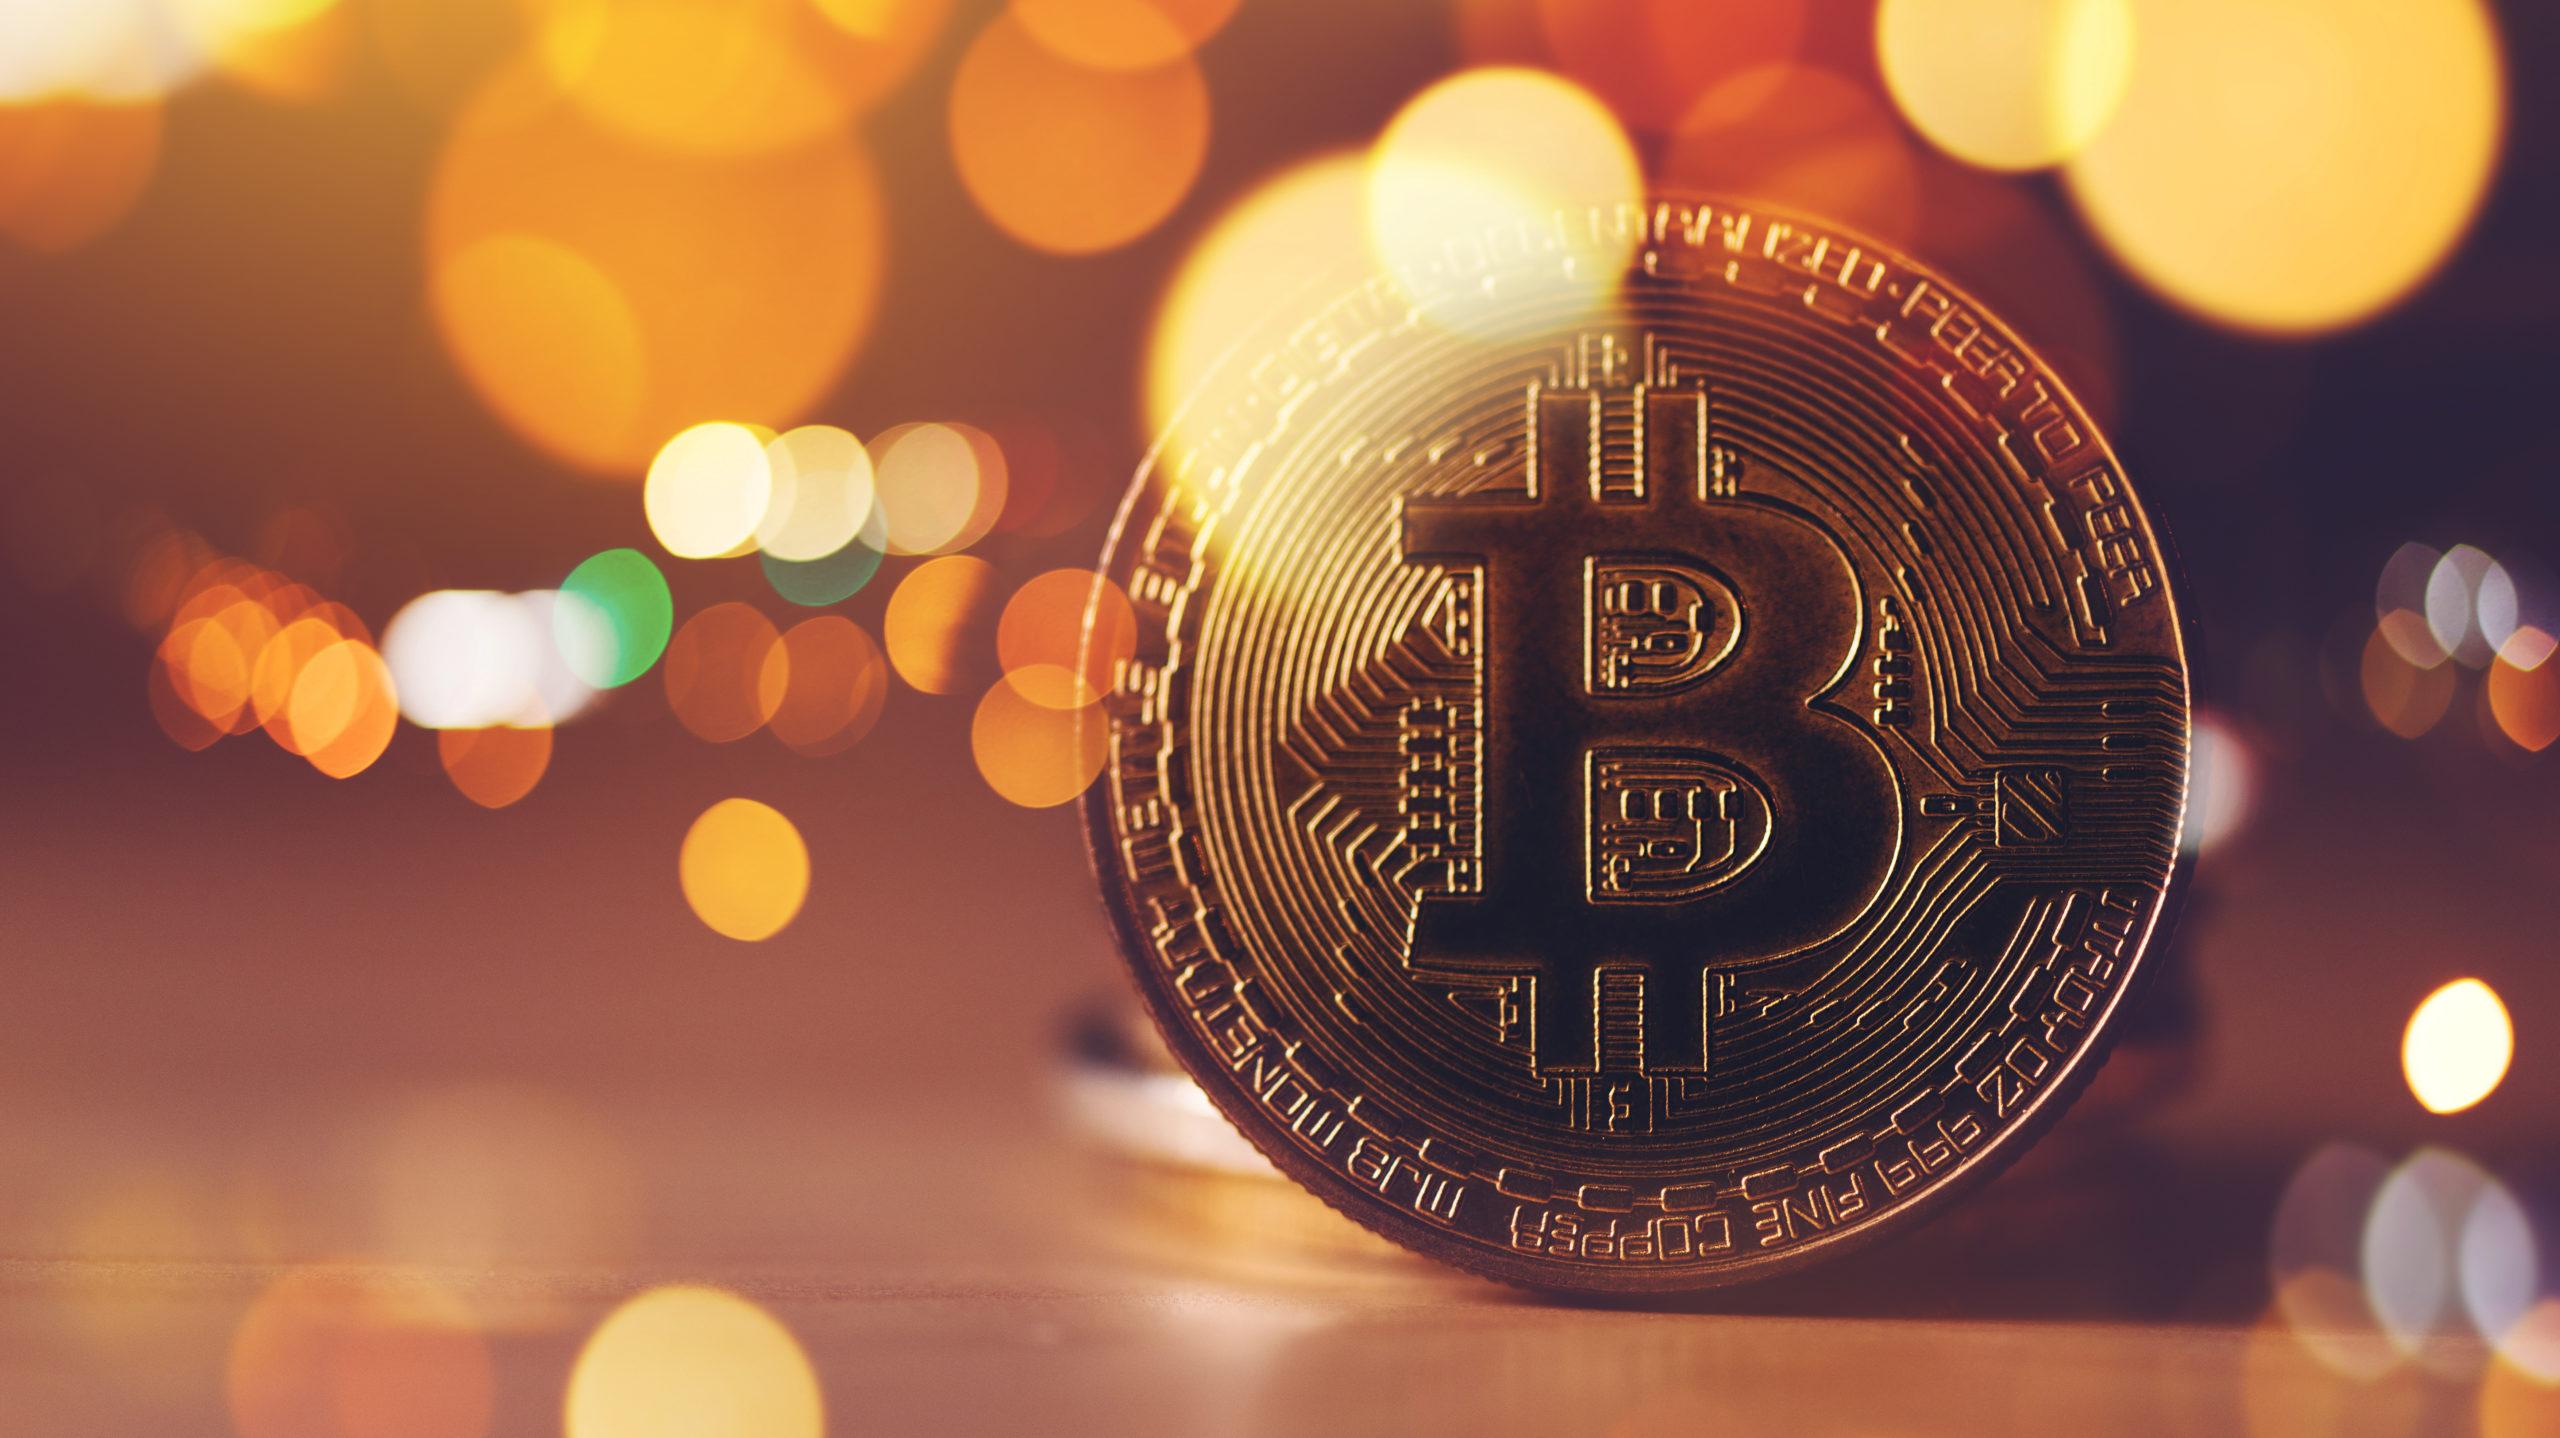 Bitcoini BTC Bogaya Goturecek Buyuk Ne Zaman Gelecek